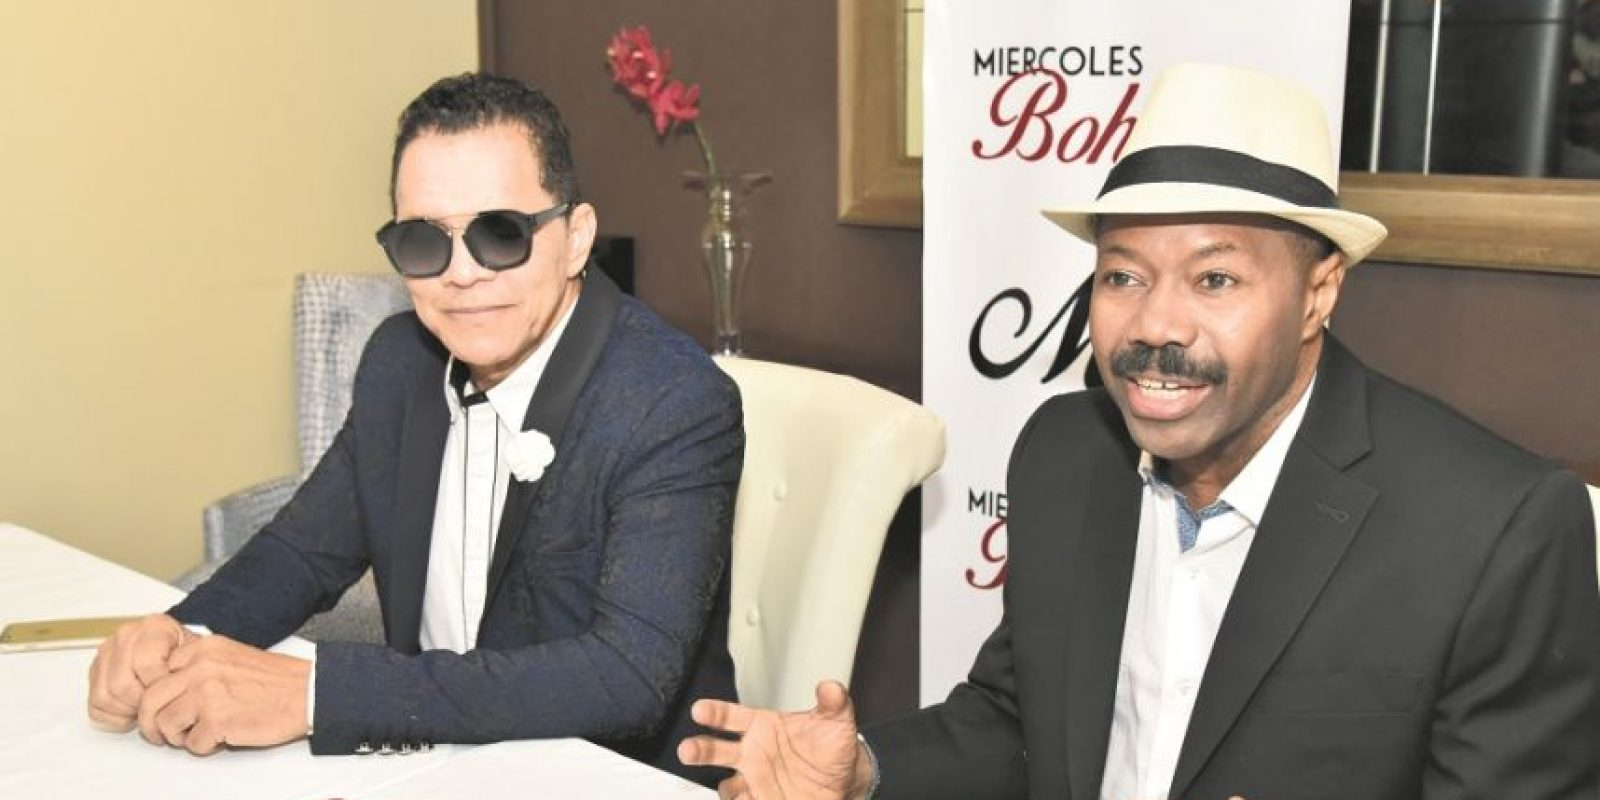 Rafa Rosario, actual dueño del restaurante Millo junto al cantante Fausto Rey. Foto:Fuente externa